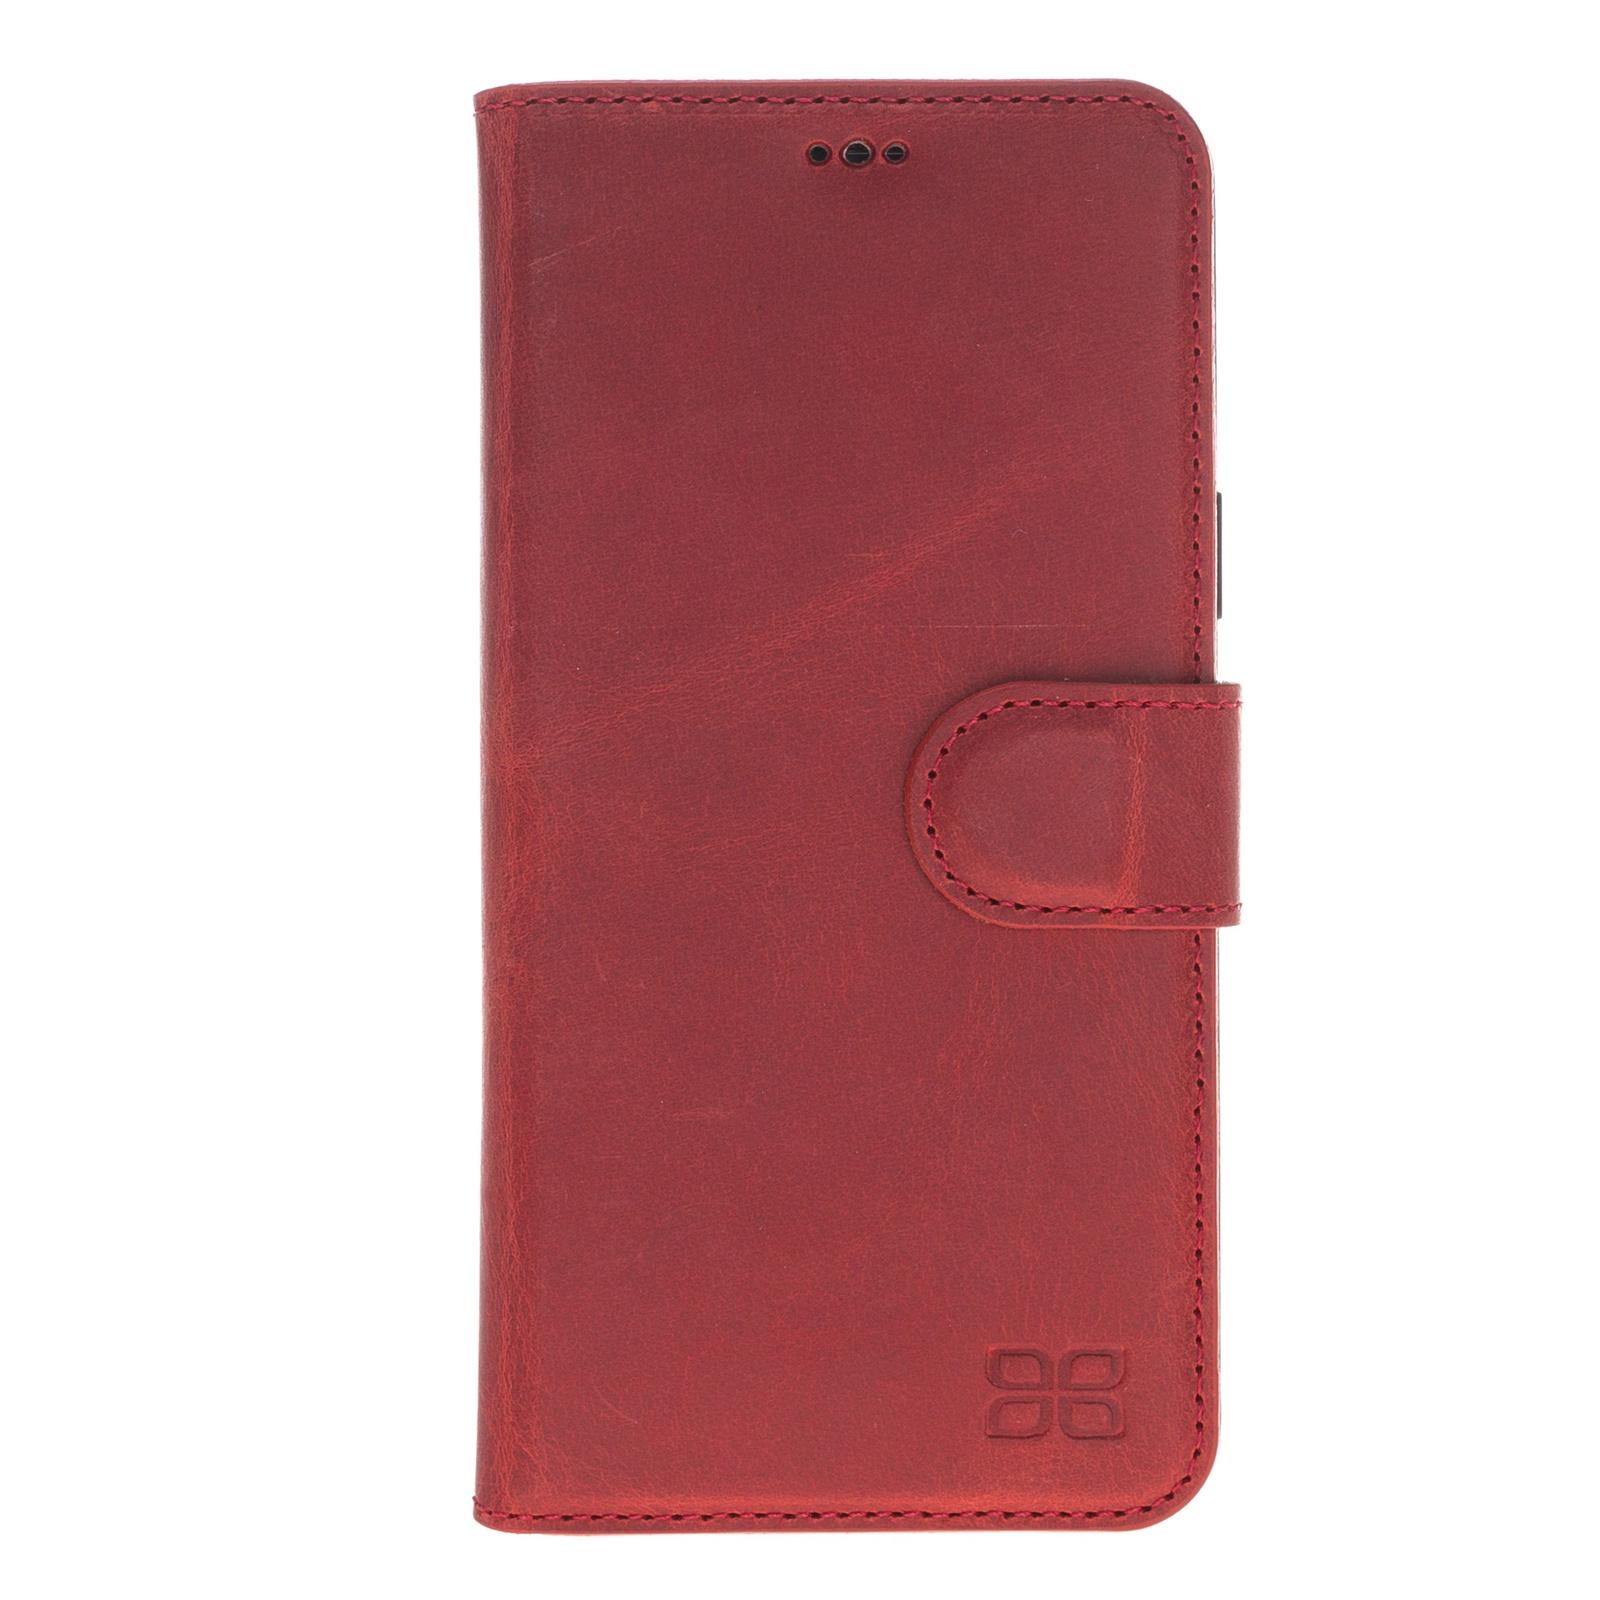 Чехол для сотового телефона Bouletta Walletcase S9, WCg4s9, бордовый